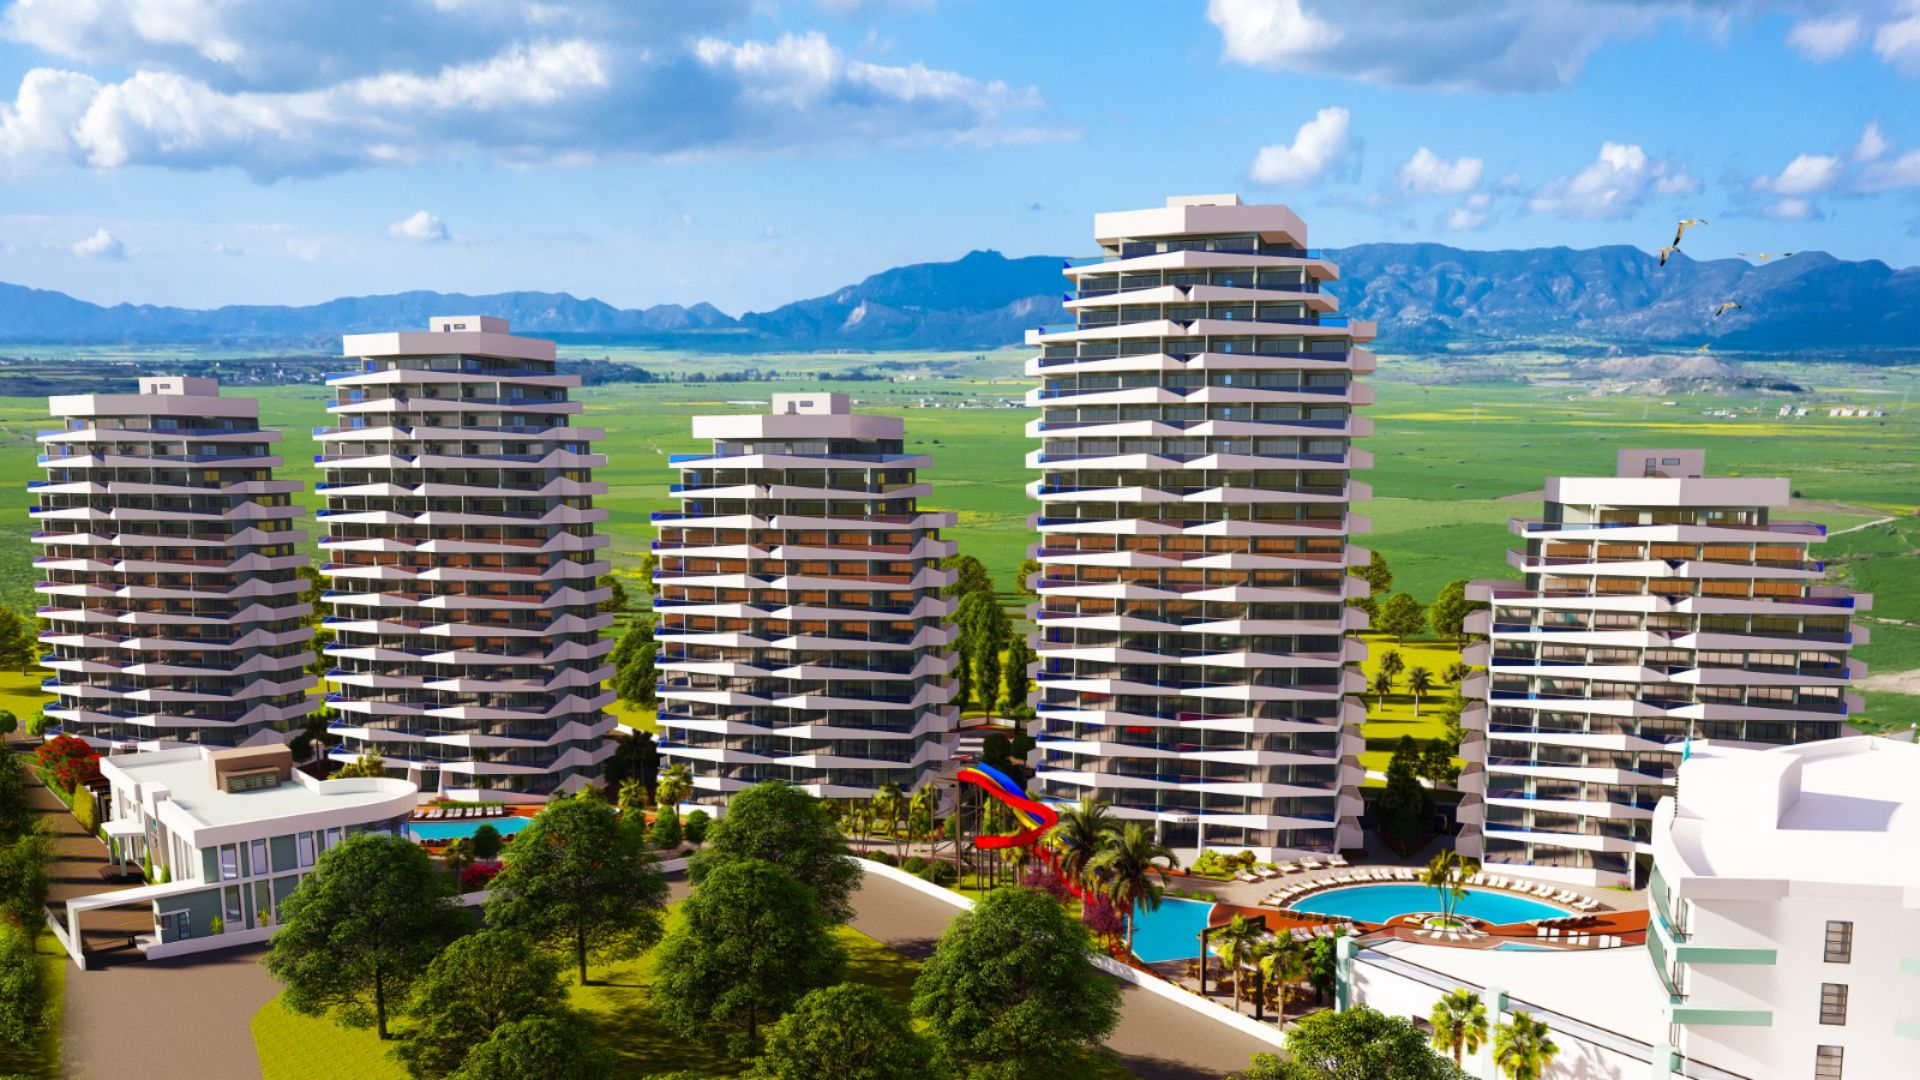 پروژه ی آپارتمانی جدید ساحلی